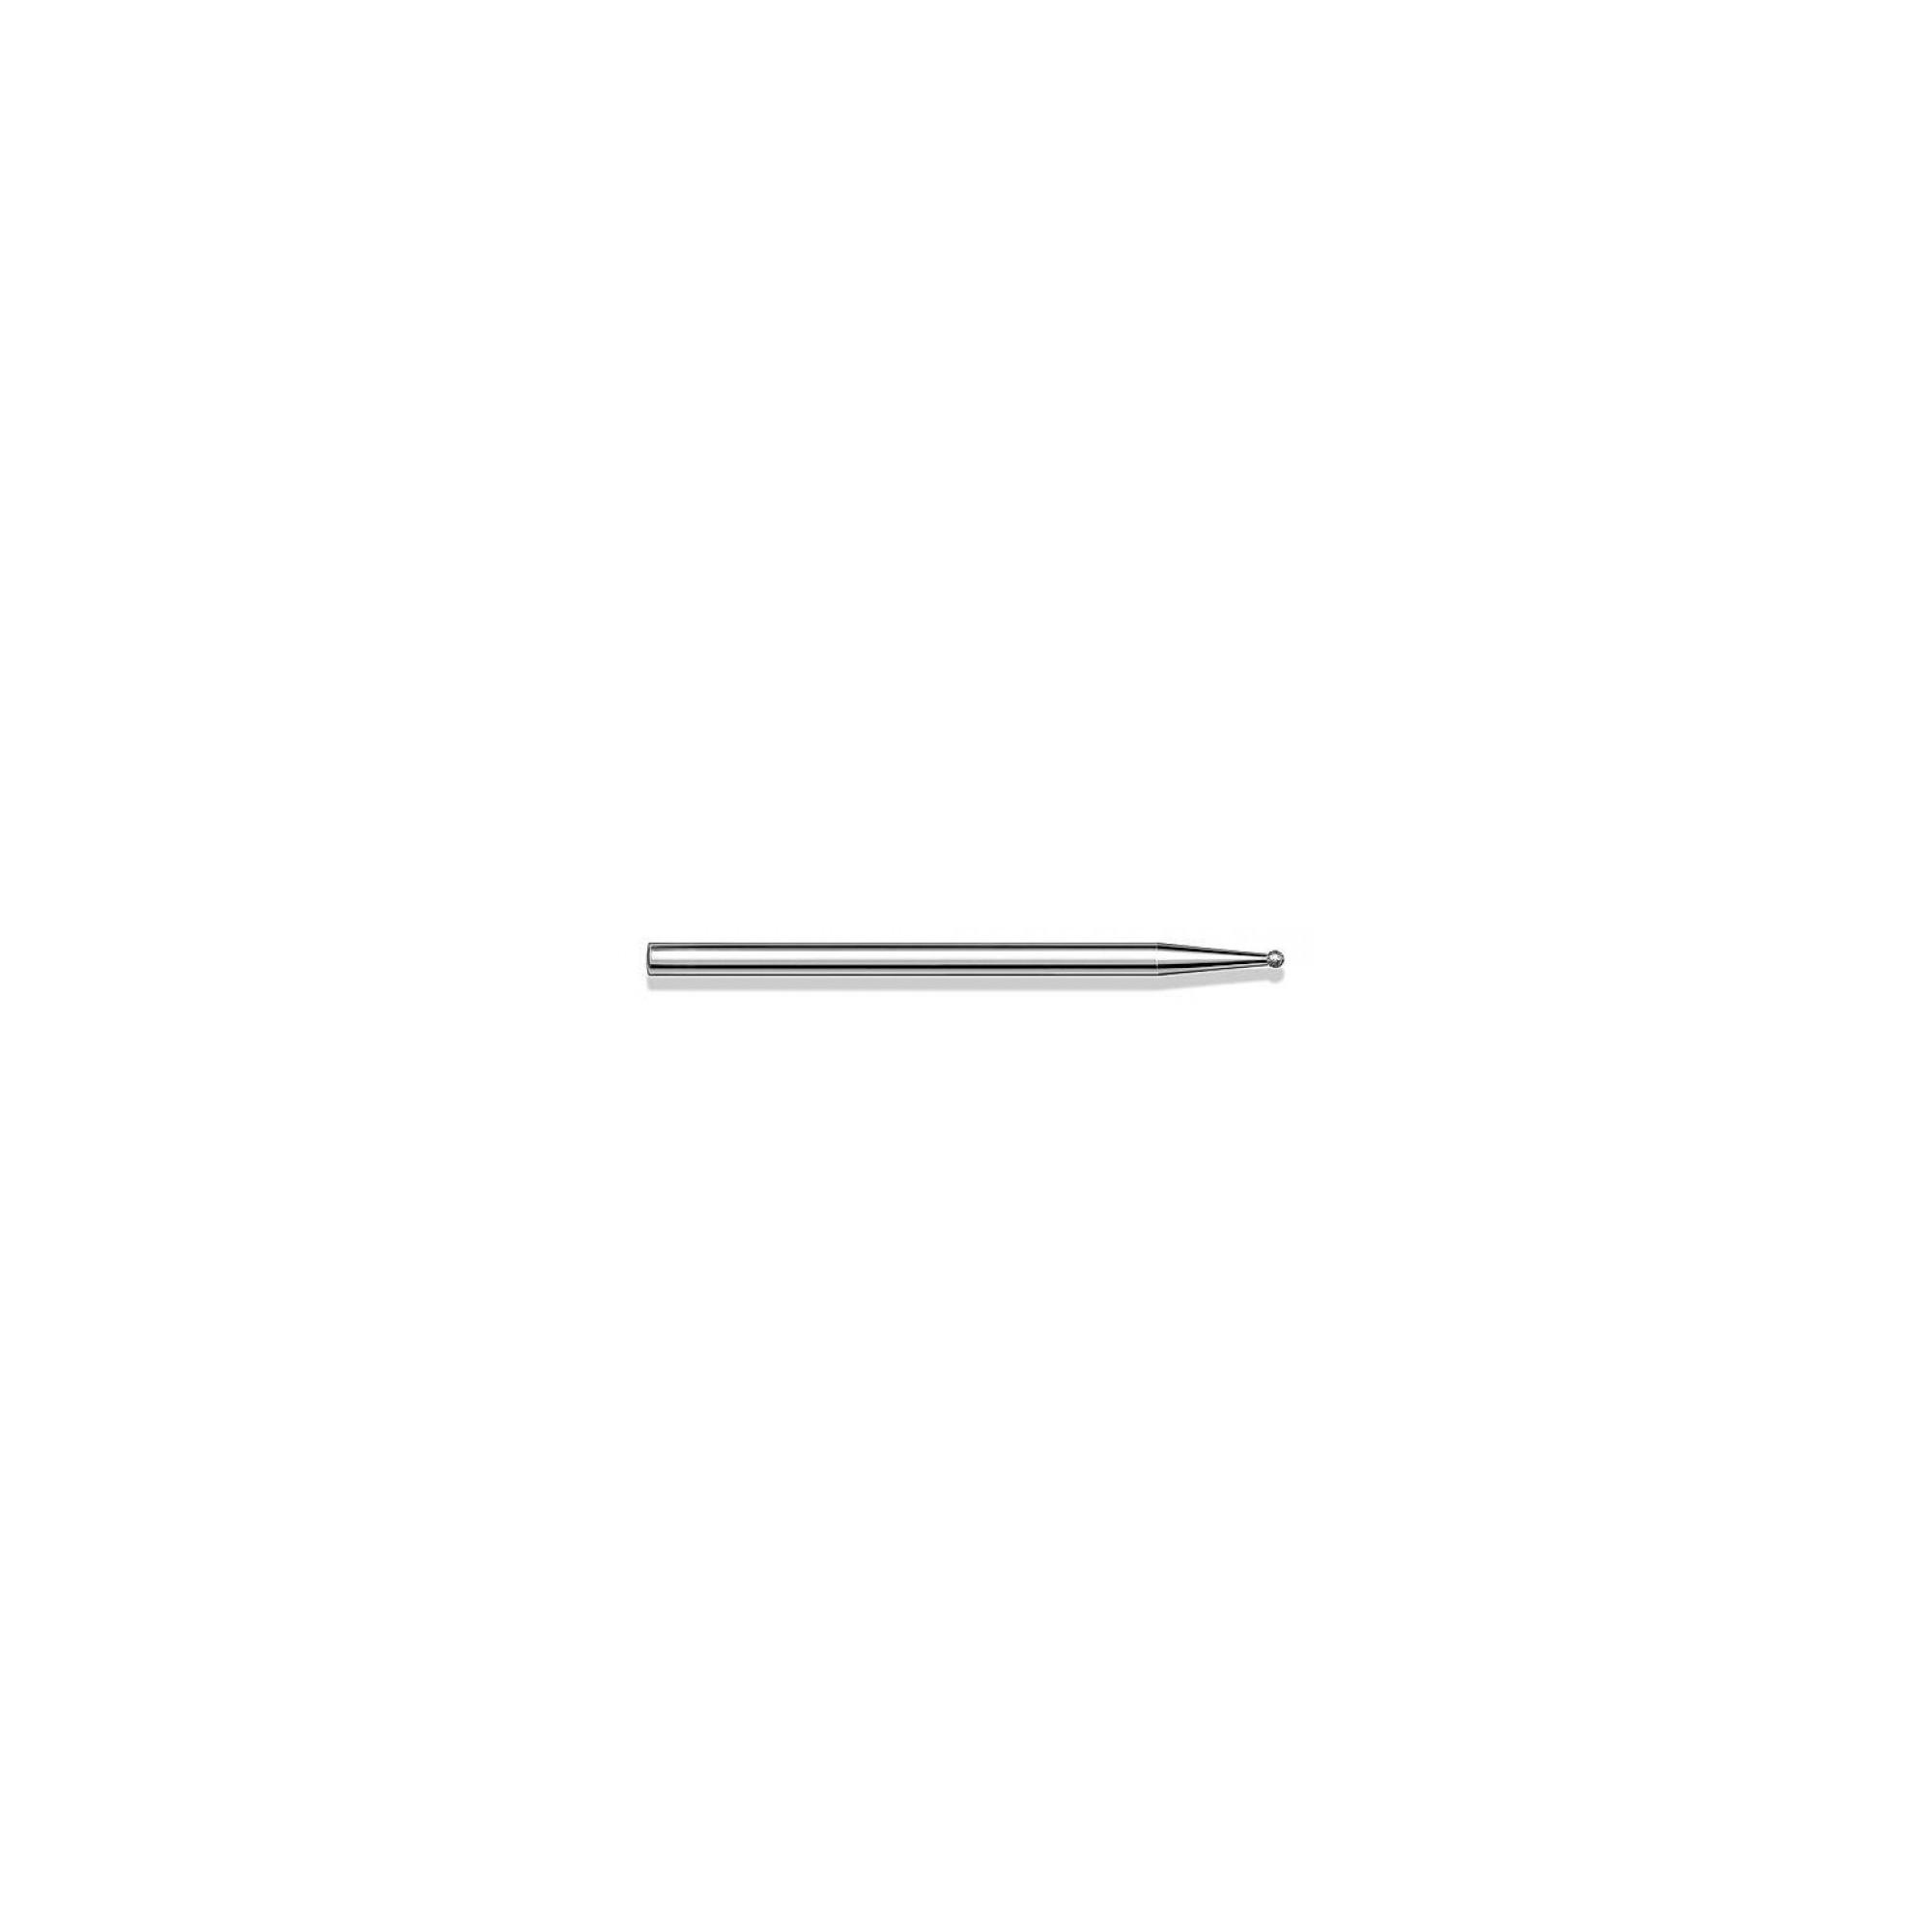 Fraise diamantée standard - Lissage des ongles et des callosités - Enucléation - Grain moyen - Pack de 2 fraises - ø1,4mm